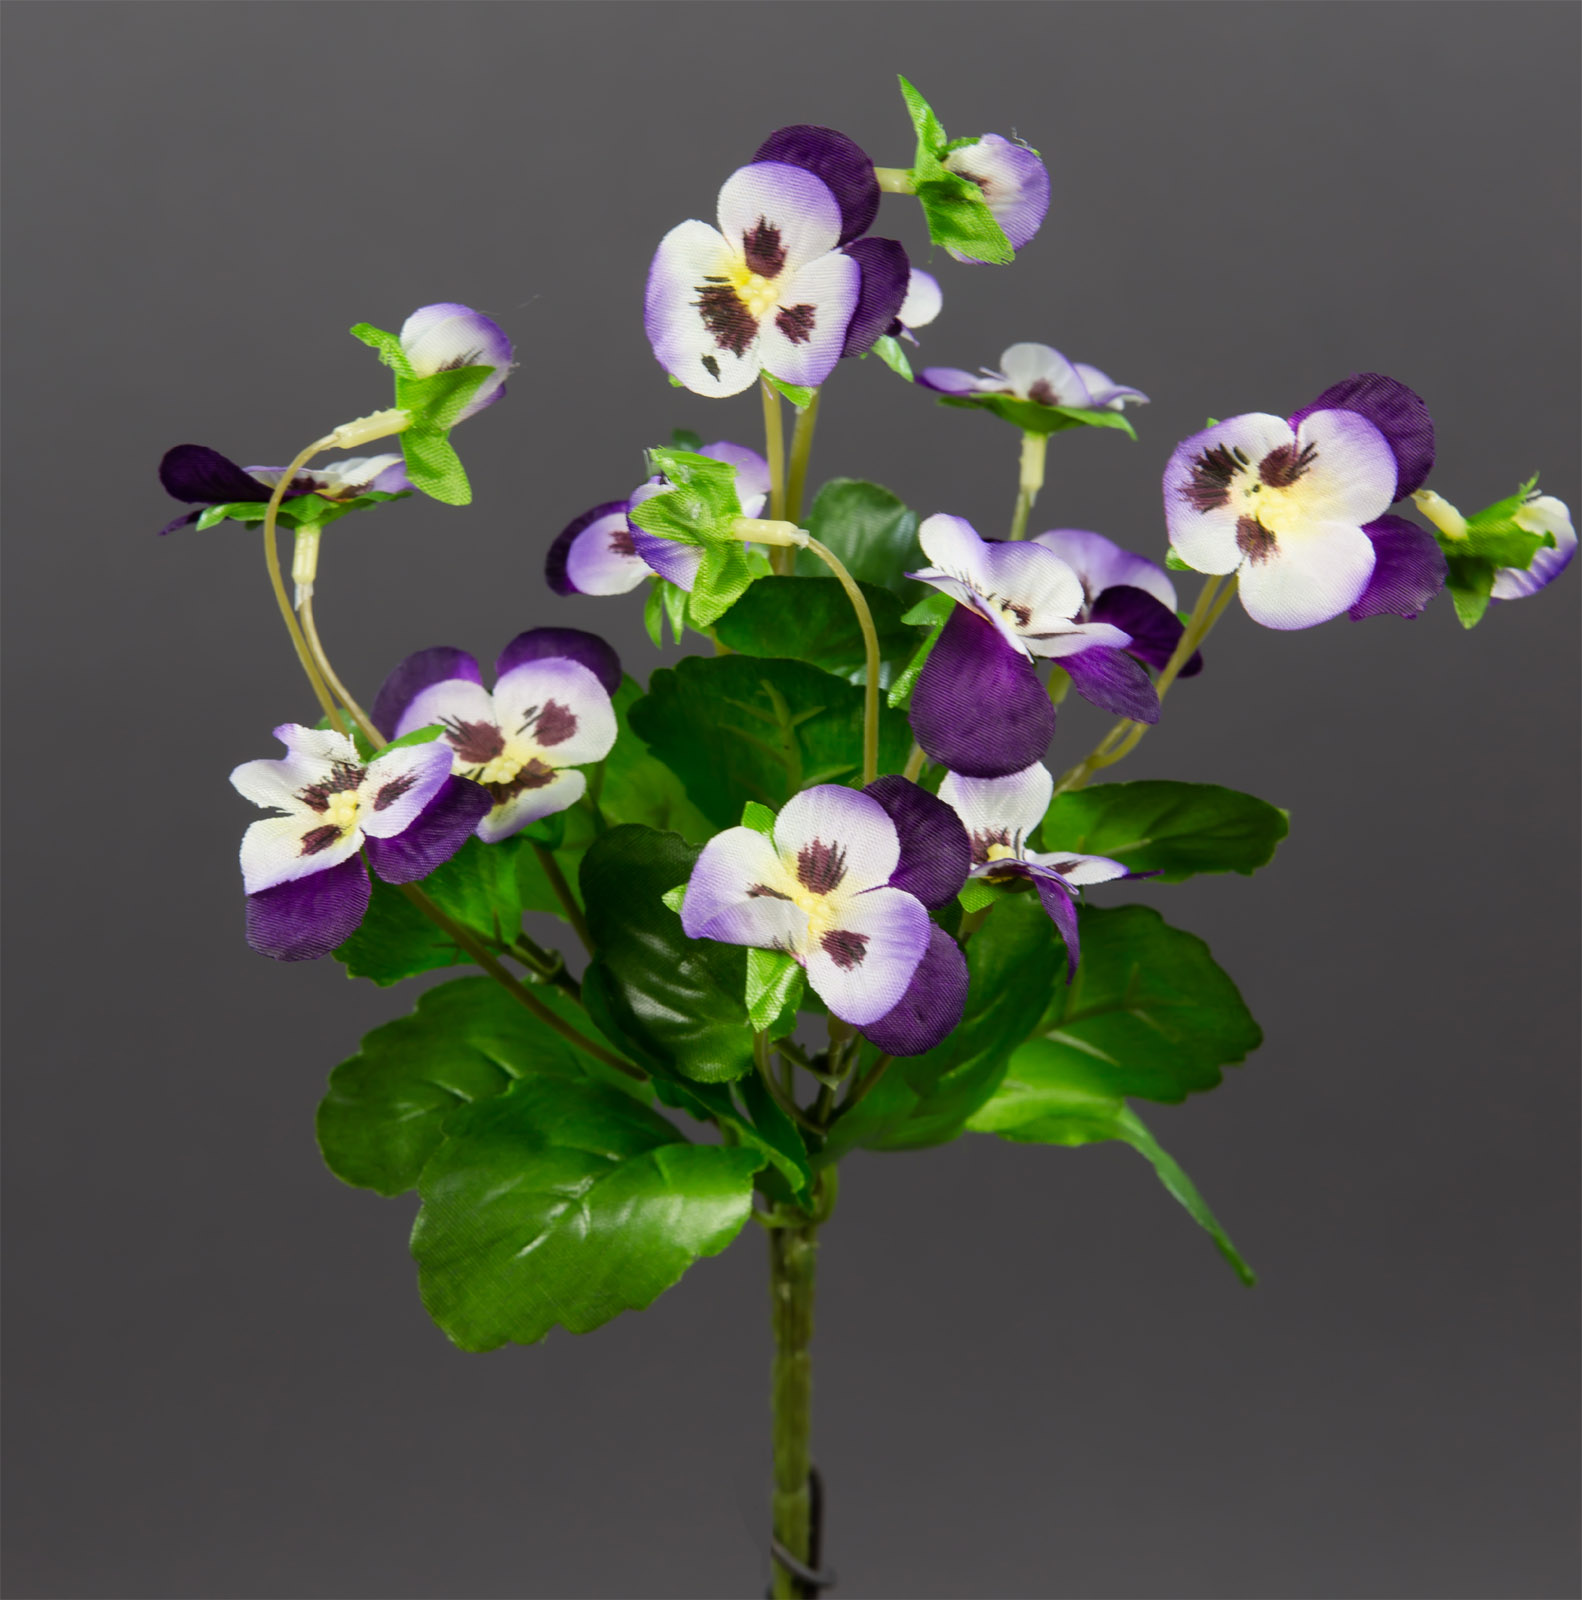 hornveilchen 22cm violett creme fi k nstliche blumen stiefm tterchen kunstblumen ebay. Black Bedroom Furniture Sets. Home Design Ideas